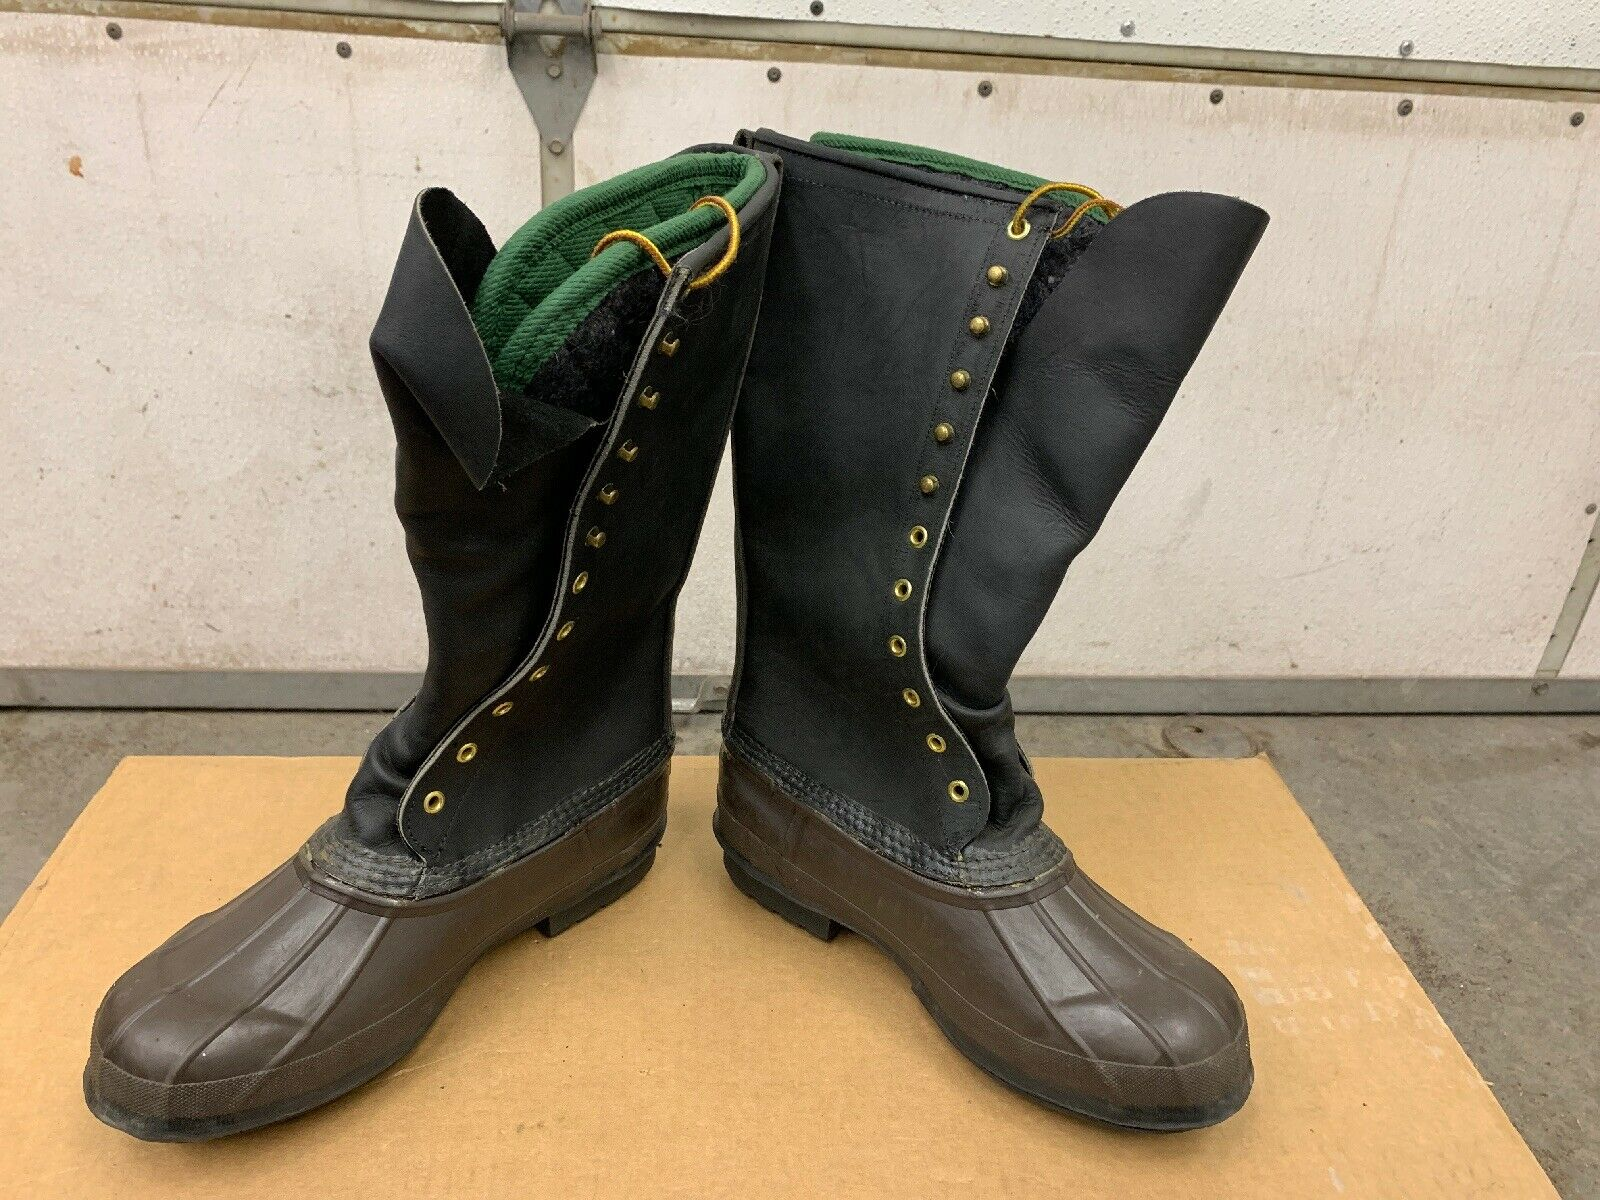 Hoffman Thinsulate lineman Pack botas